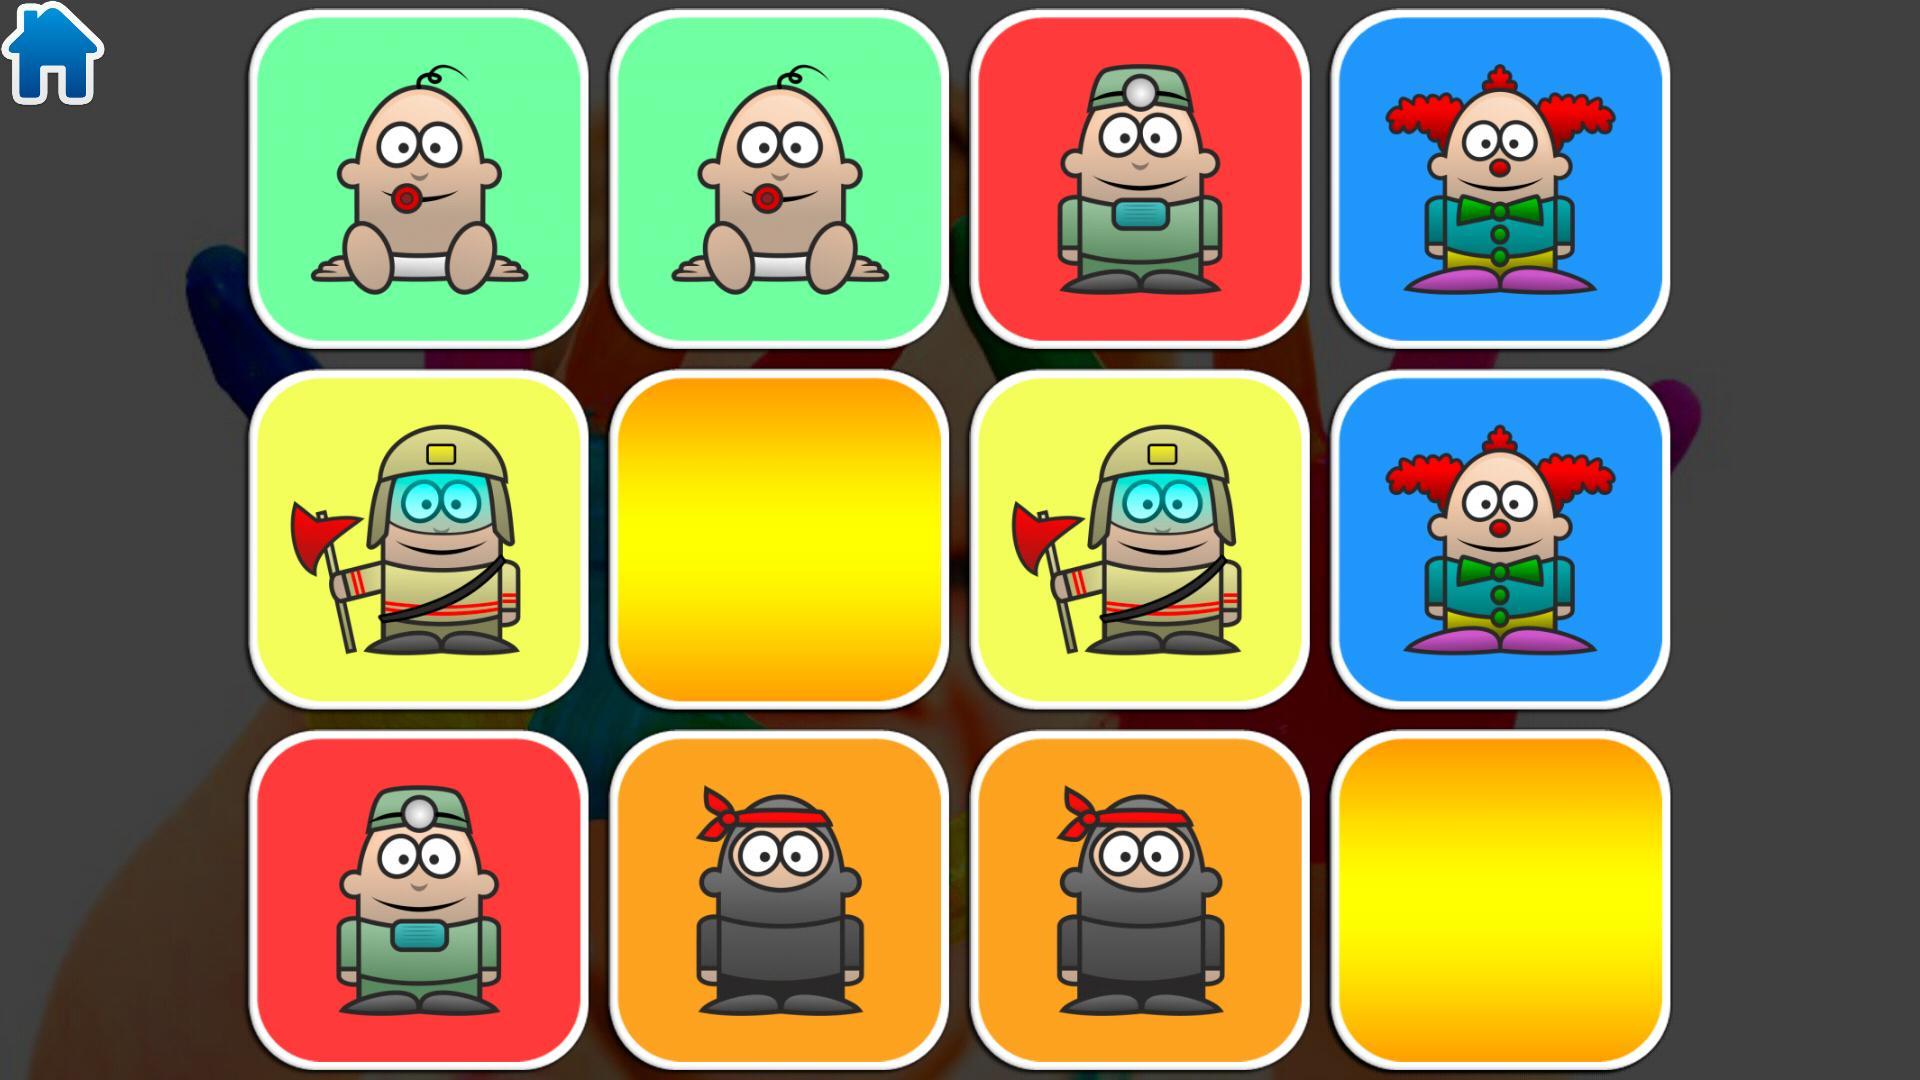 العاب اطفال تعليمية 3 For Android Apk Download